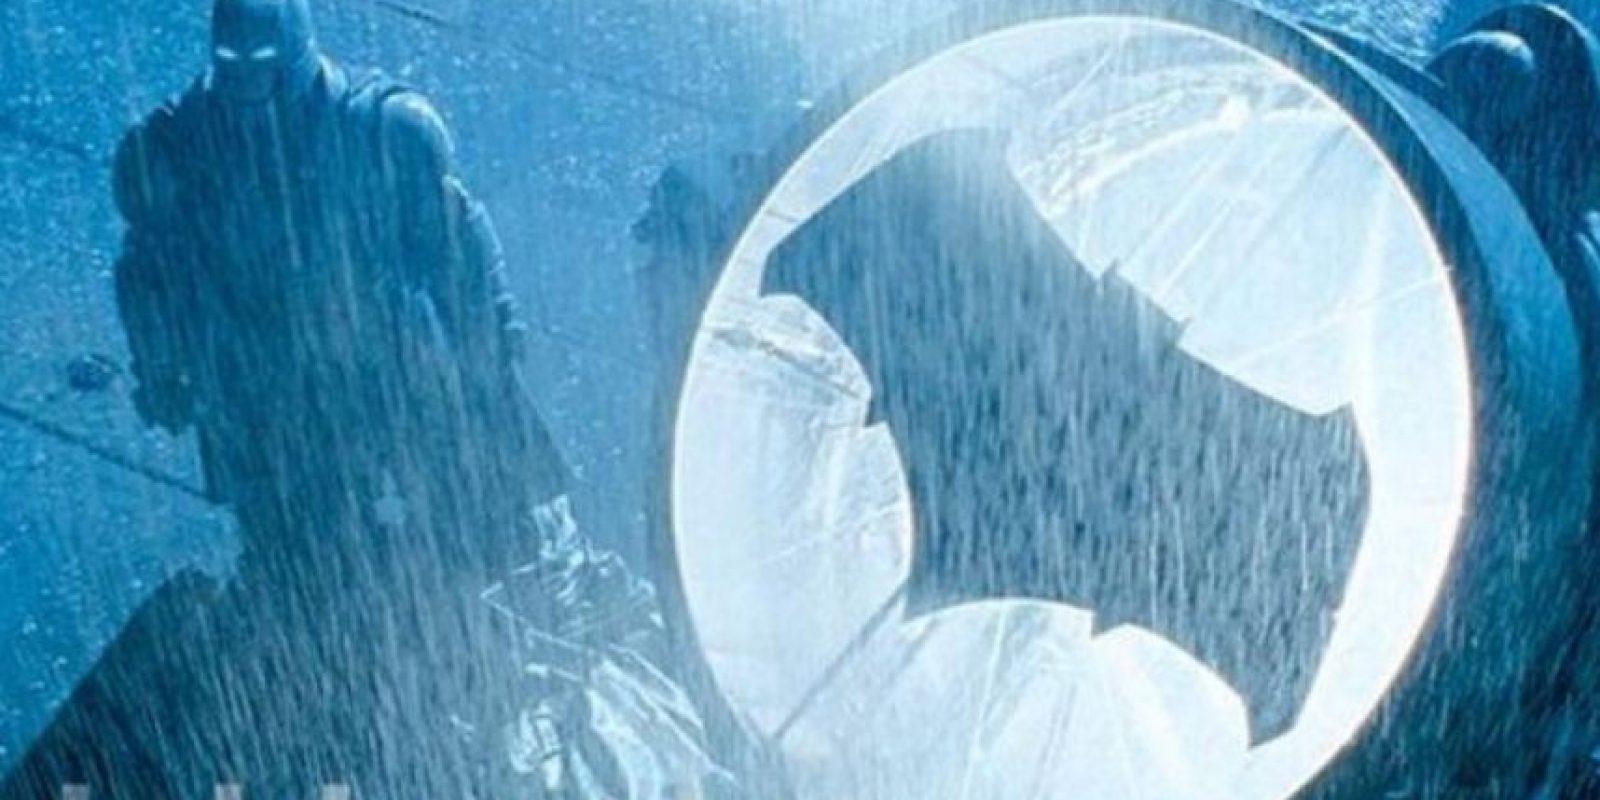 """""""Bruce Wayne"""", después de ser testigo del asesinato de sus padres cuando era niño, decide someterse a un riguroso entrenamiento físico y mental, más tarde se convierte en """"Batman"""". Foto:Vía Twitter/EW"""